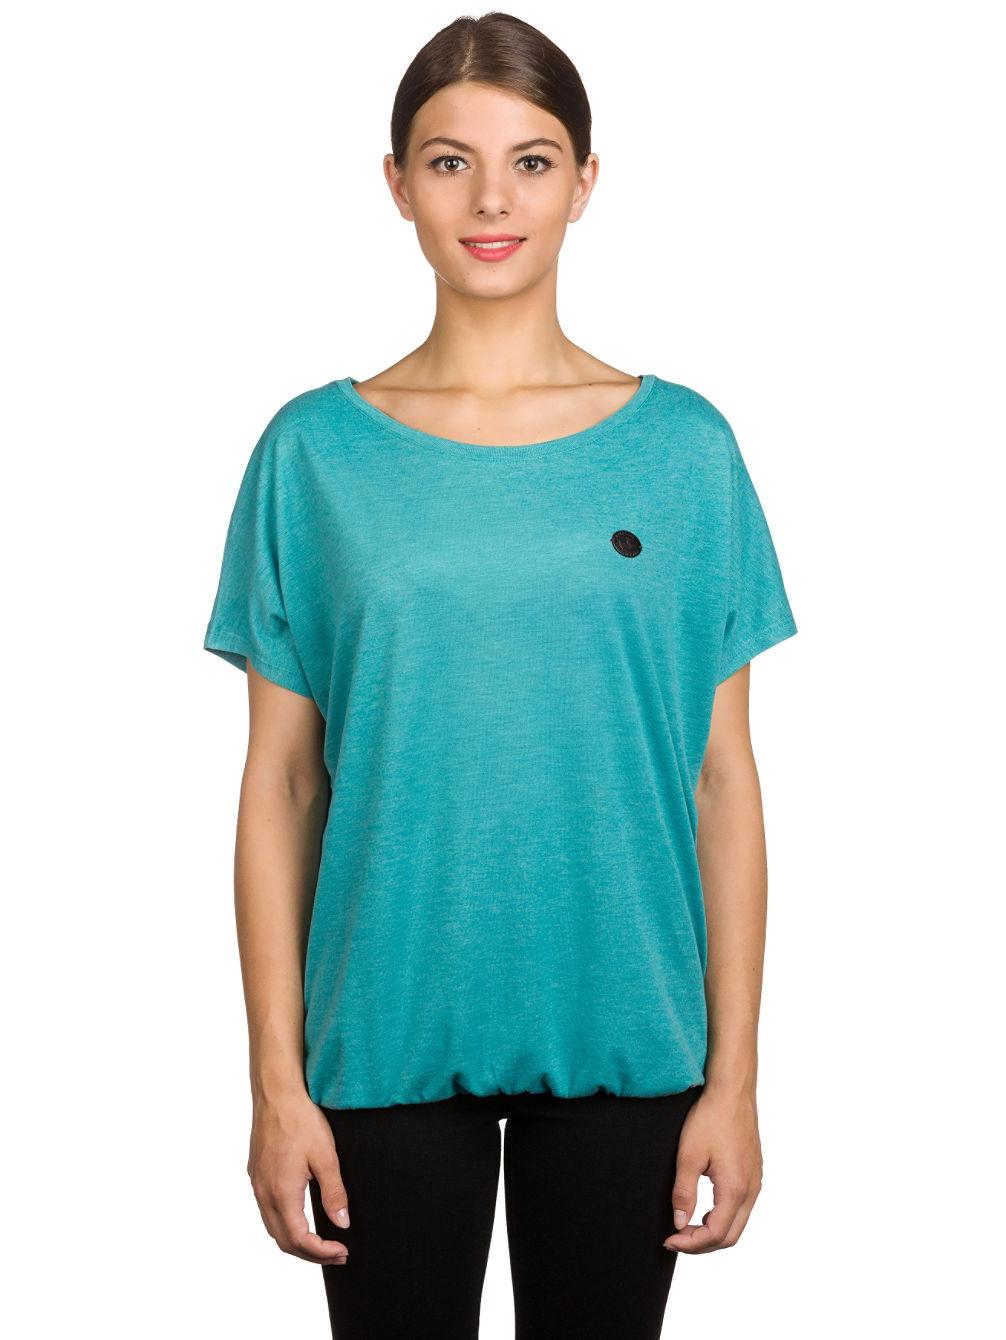 buy naketano schnella baustella t shirt online at blue. Black Bedroom Furniture Sets. Home Design Ideas